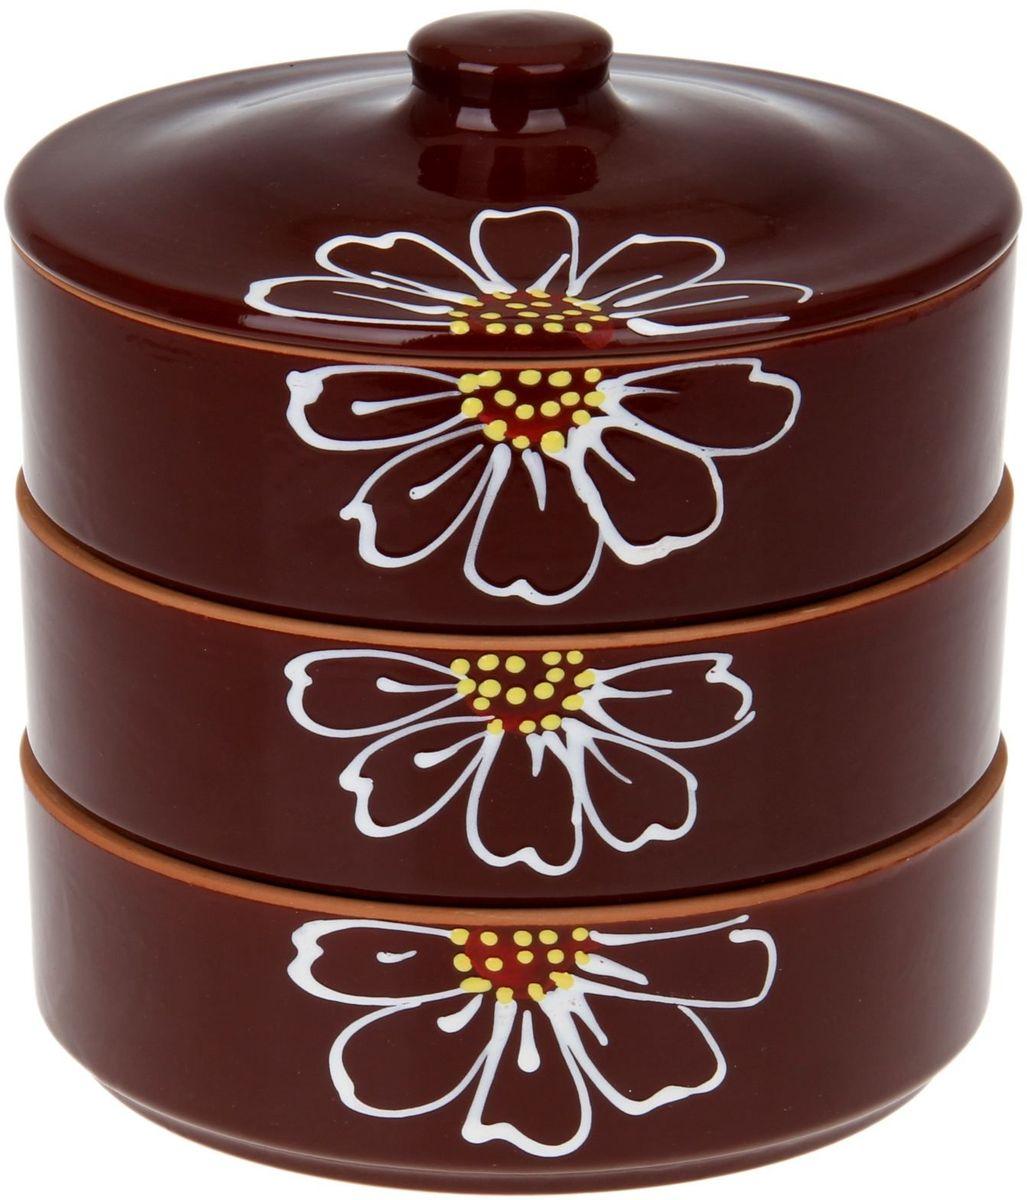 Набор блюд для холодца Псковский гончар Цветок, цвет: коричневый, 4 предмета1228240Набор для холодца Цветок коричневый 3 шт ( размер 1 шт H - 57мм, D - 172мм) будет вашим универсальным помощником! Он удобен не только для хранения холодца, но и для салатов, а также различных закусок. Набор предотвращает заветривание и сохраняет привлекательный внешний вид блюда. Вы сможете готовить непосредственно в нём: специальная керамика подходит для использования в микроволновой печи, в духовом шкафу, русской печи или на гриле.Утолщённые стенки дольше сохраняют тепло, поэтому можно не волноваться, что блюдо быстро остынет. Благодаря специальной конструкции предметы из набора можно устойчиво размещать друг на друге, что значительно сэкономит место в шкафу или холодильнике.Приятная расцветка и аккуратный рисунок будут радовать глаз при каждом использовании. Благодаря структуре глины любое блюдо, приготовленное при помощи посуды от «Псковского гончара», будет максимально вкусным и сохранит все свои полезные качества.